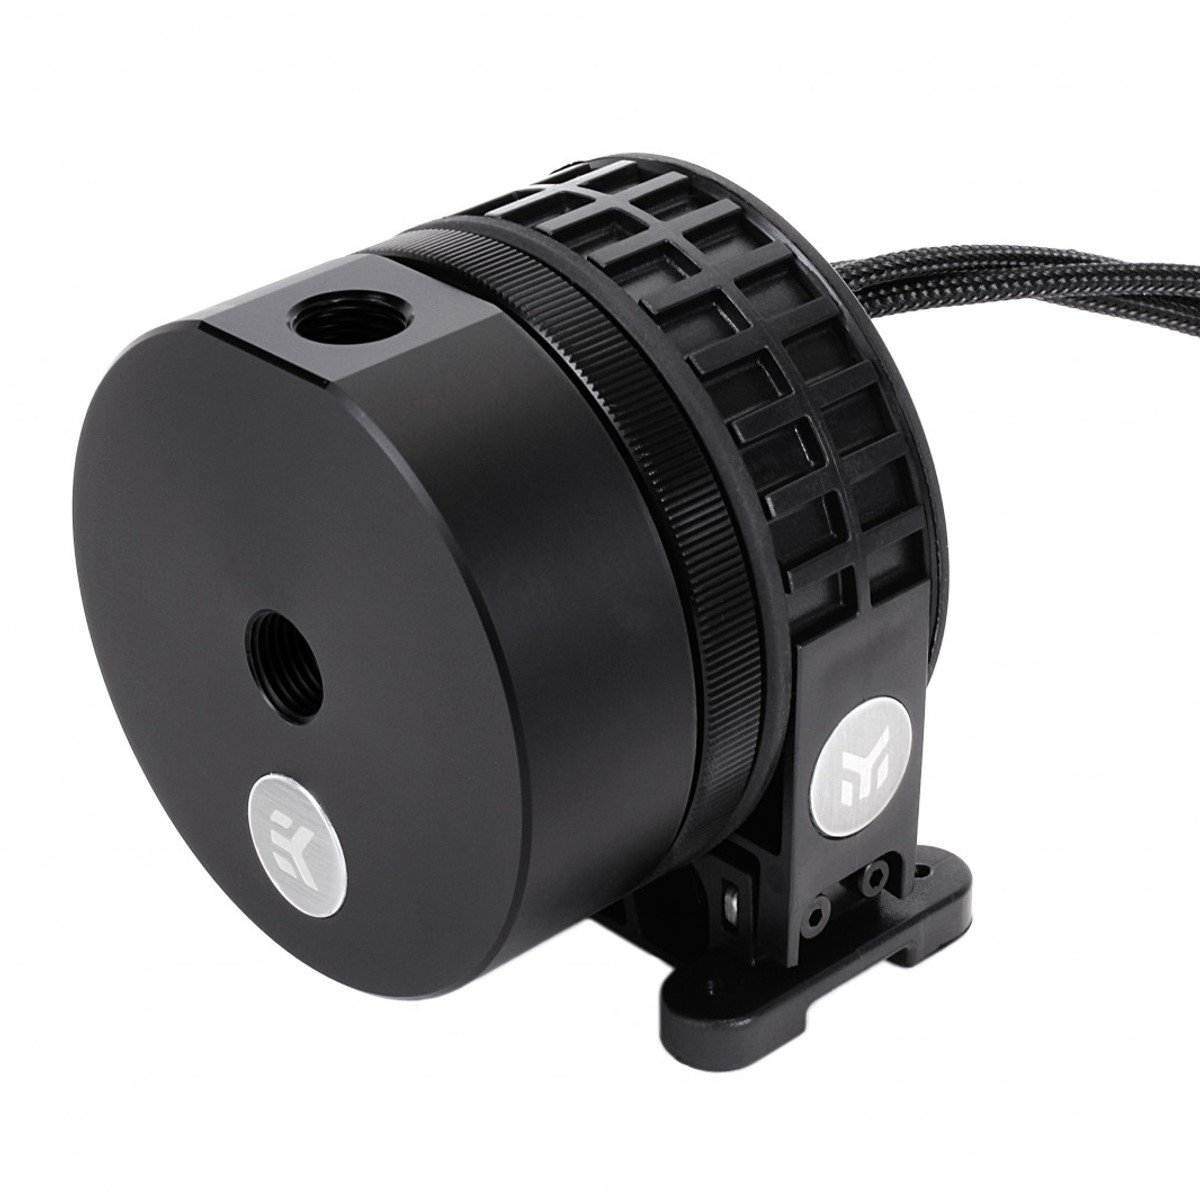 EKWB EK-XTOP Revo D5 PWM (incl. sleeved pump), Acetal by EKWB (Image #7)